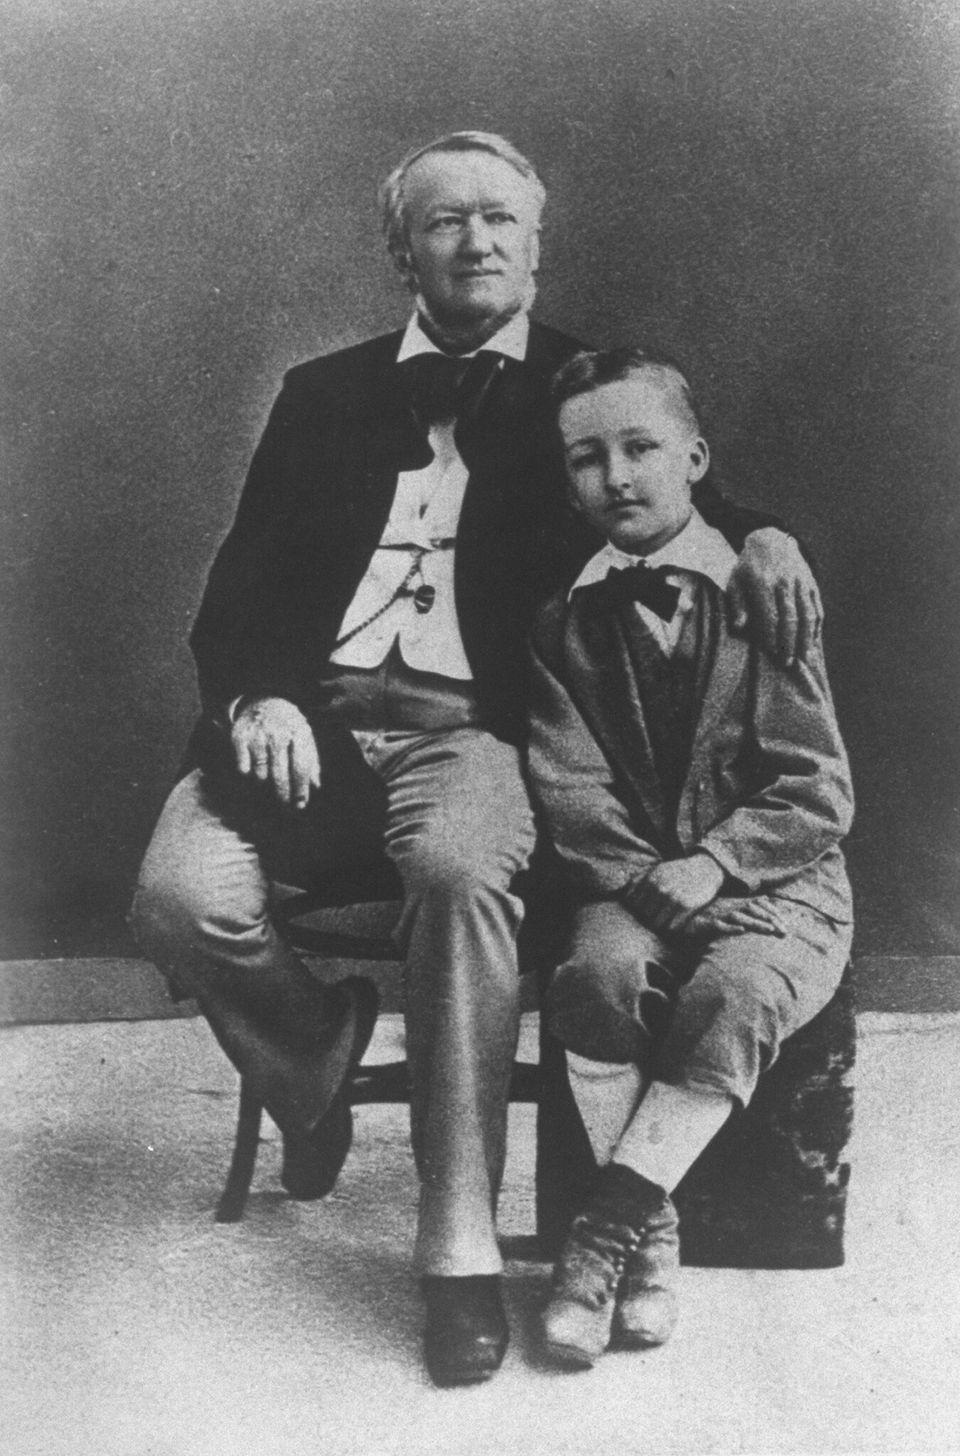 Ο Βάκνερ με τον γιό τουΖίγκφριντ. (Photo by Time Life Pictures/Mansell/The LIFE Picture Collection via Getty Images)